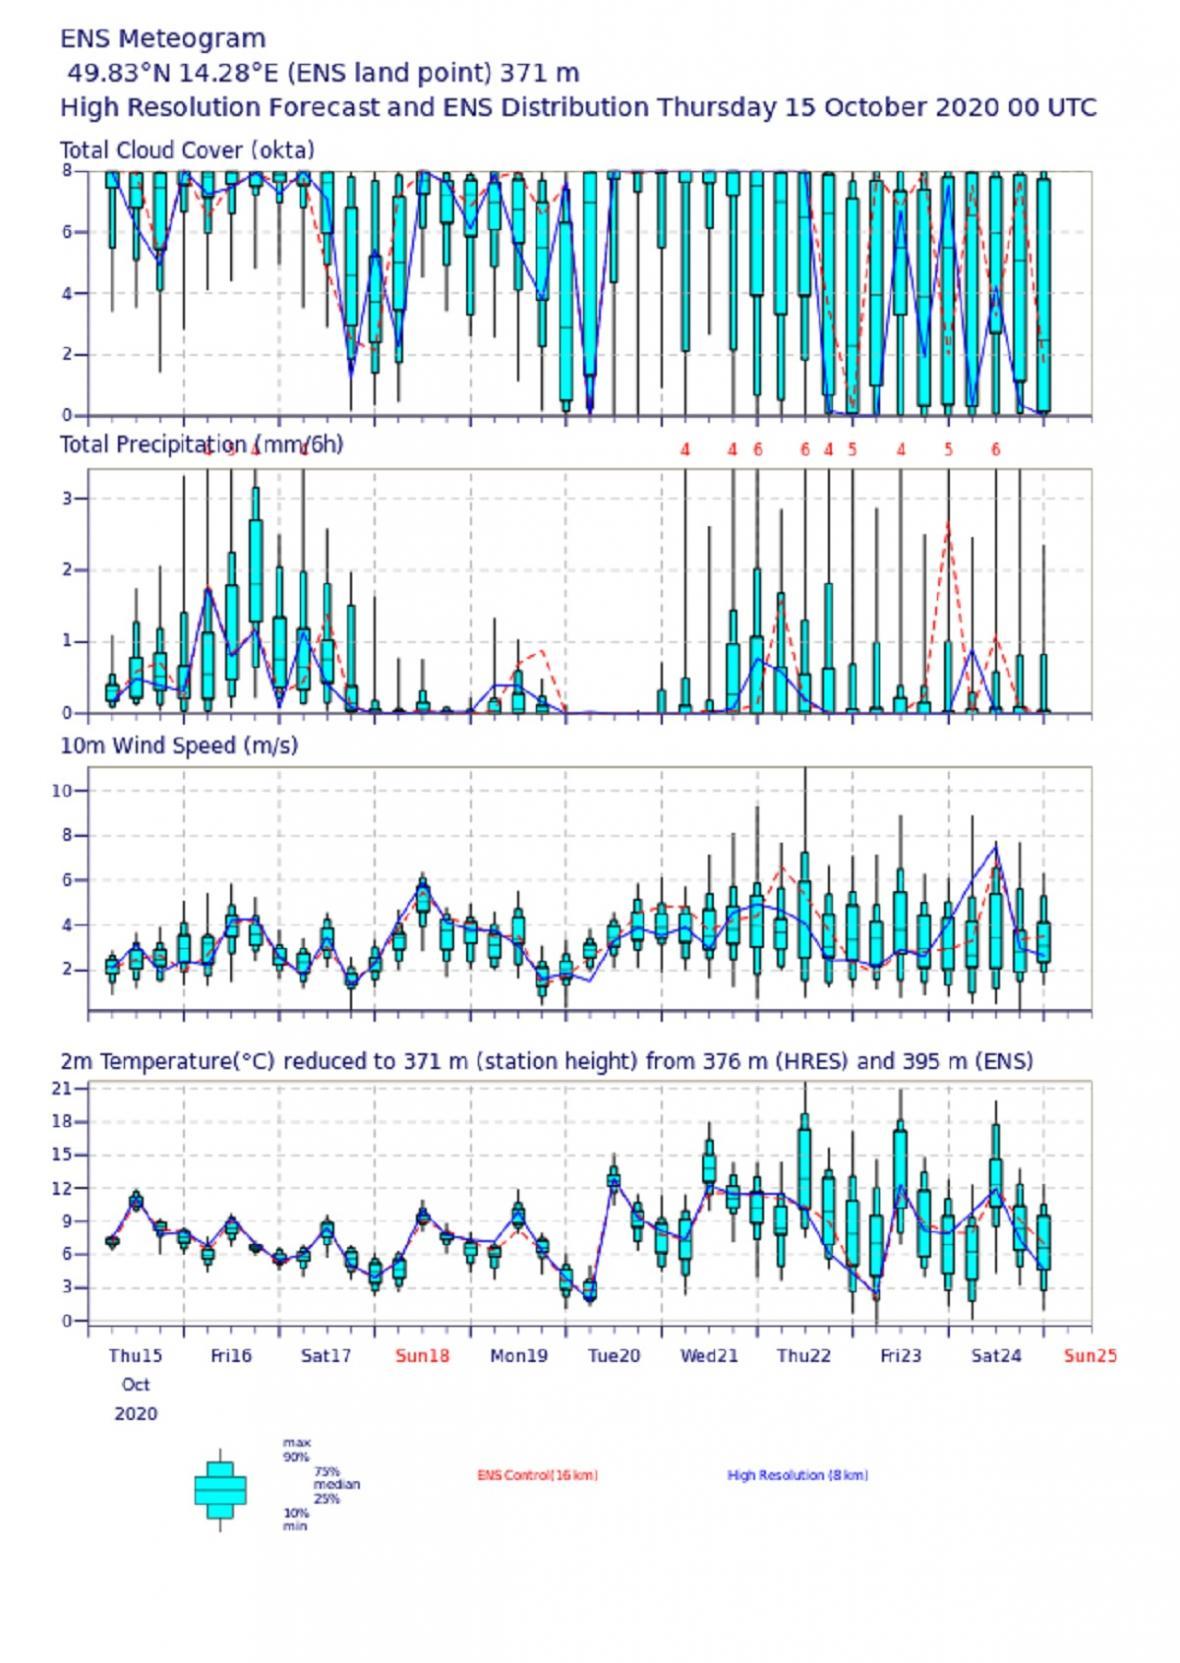 Meteogram pro bod nedaleko Prahy – předpověď vybraných parametrů ve formě tzv. ensemblové předpovědi, kdy je zachycena nejistota předpovědi